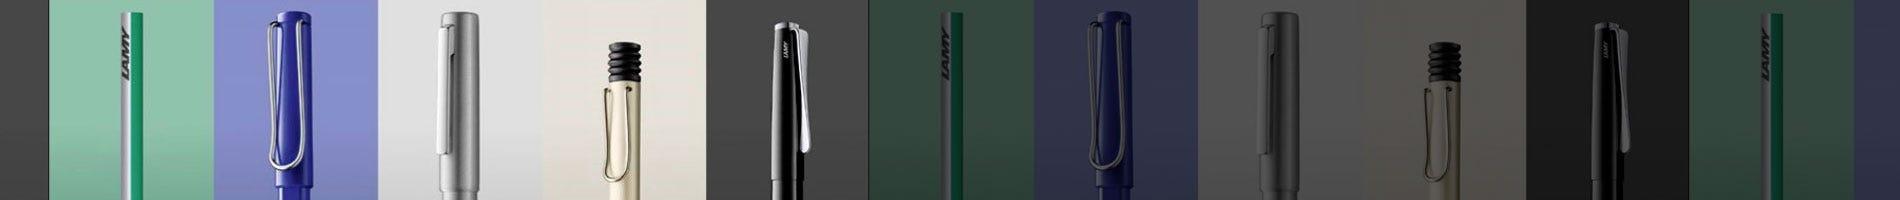 Lamy Pen Sets